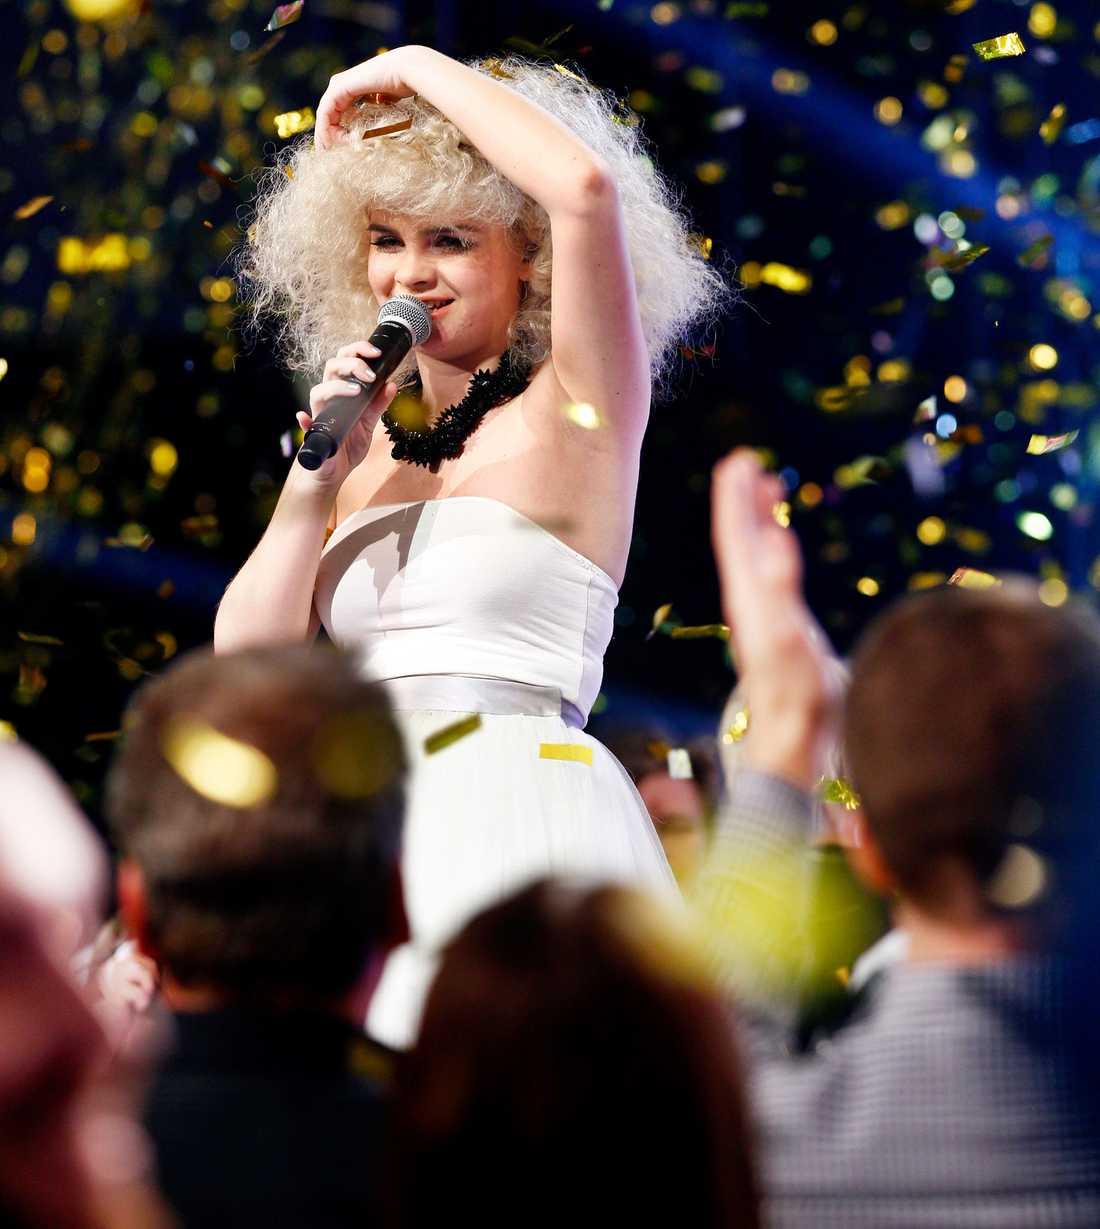 Tårarna flödade på den sista idolen. Sedan vandrade Amanda Fondell ut på scenen, framför tv-kamerorna för att framföra årets vinnarlåt. Eftertexterna började rulla, men festen hade precis börjat.